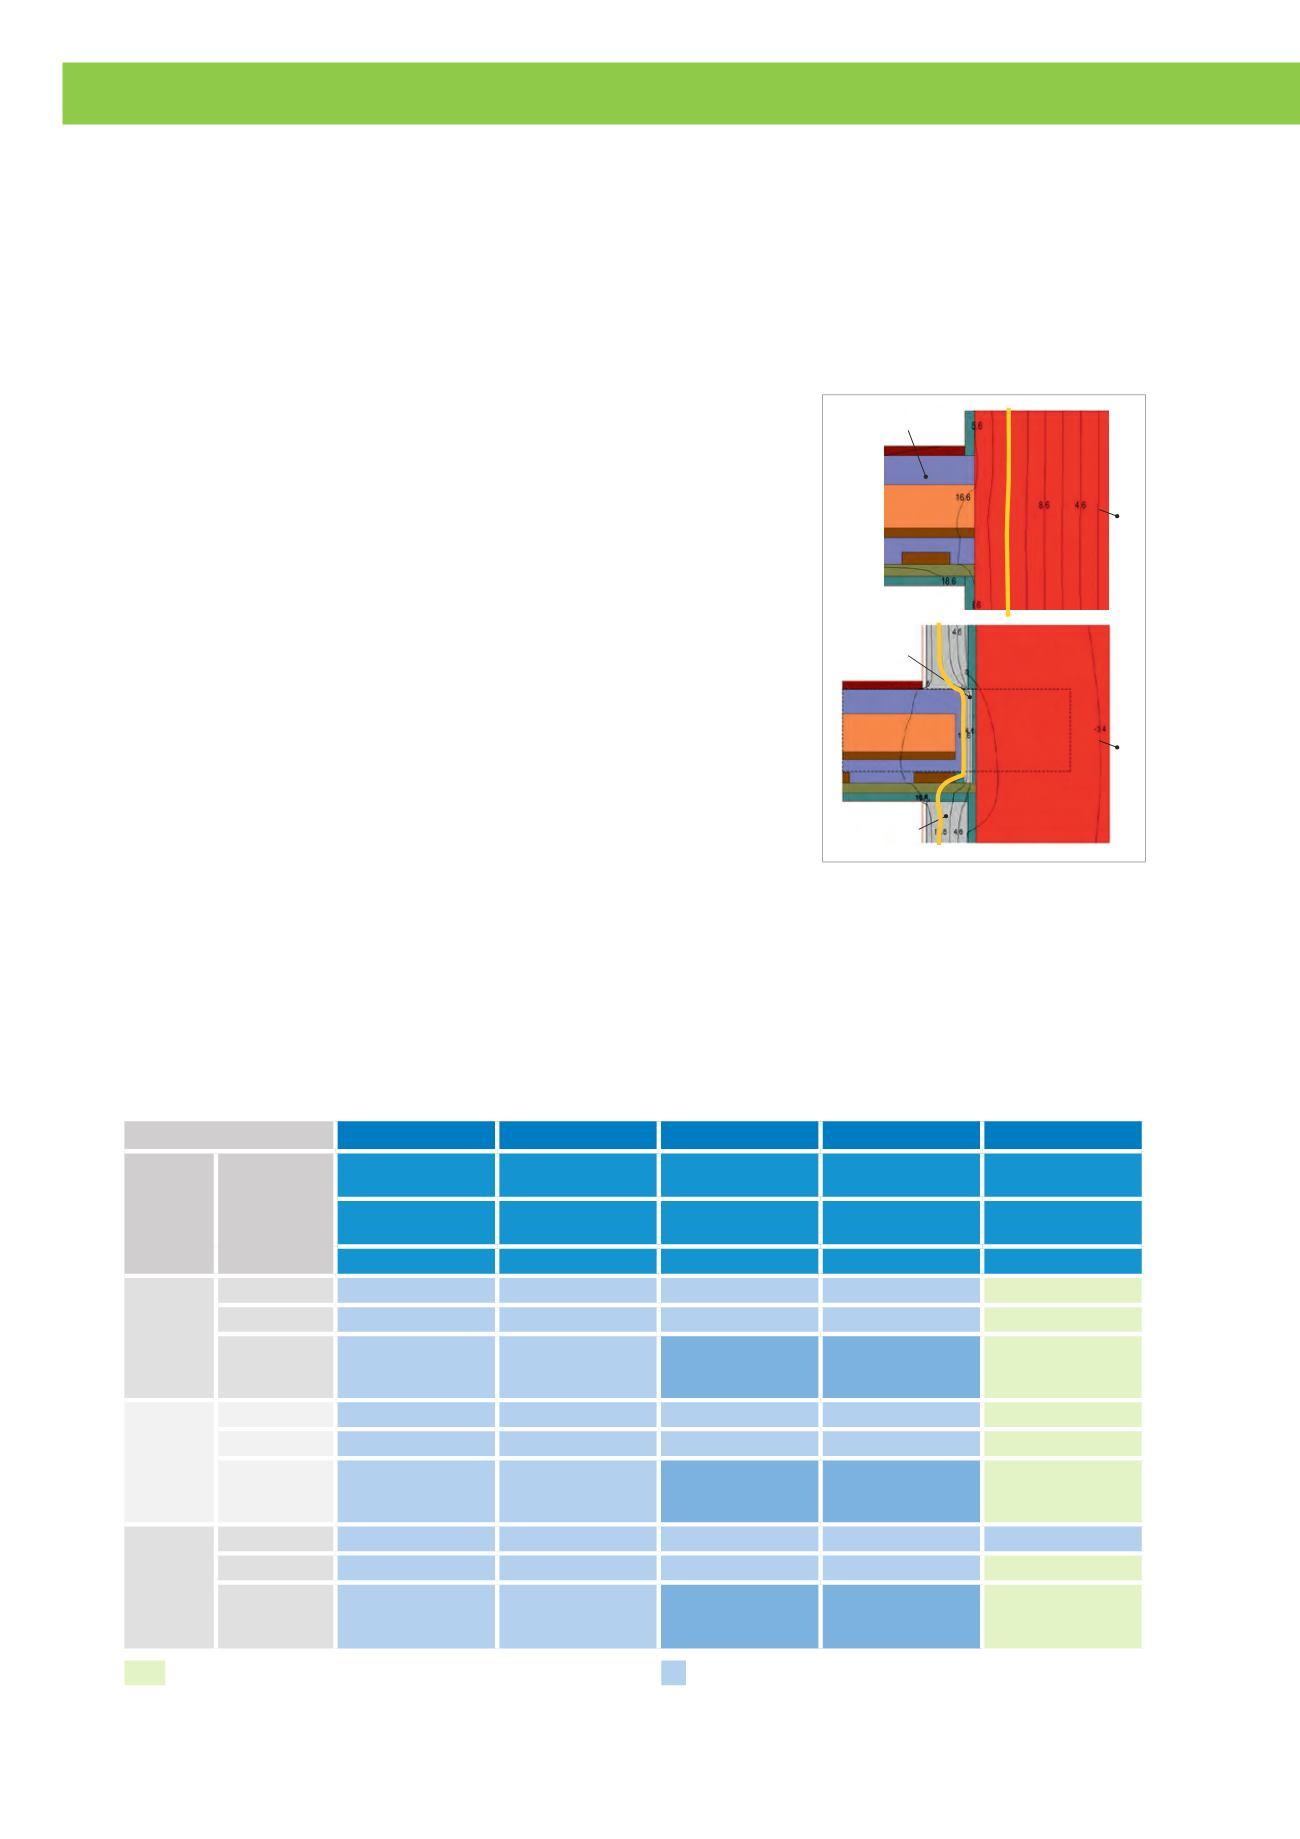 Prospekt Von Rigips: Rigitherm 032 Innendämmung - Energie-Fachberater